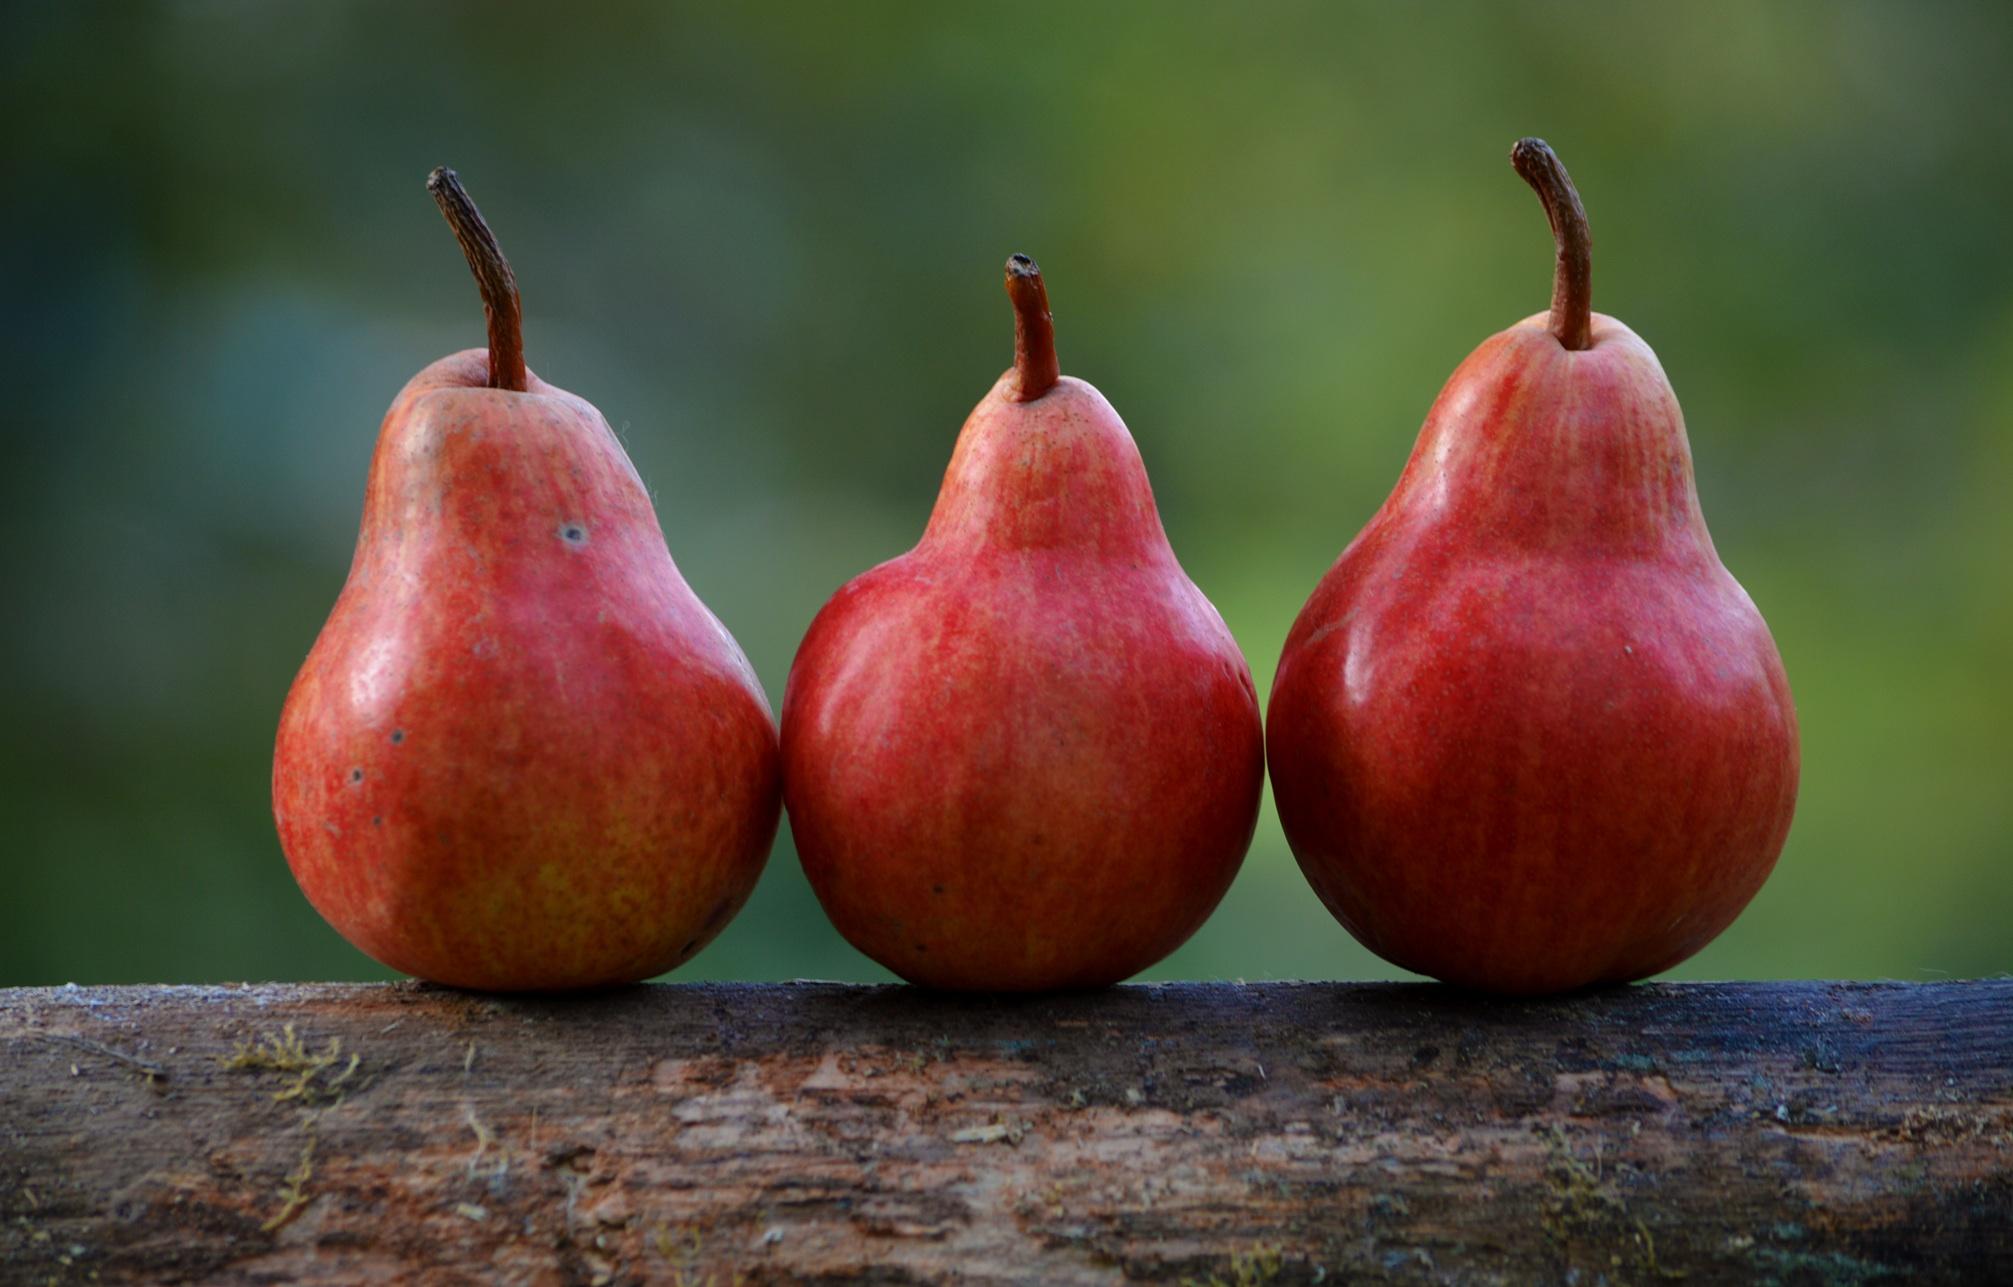 TTB federal definition cider pear apple